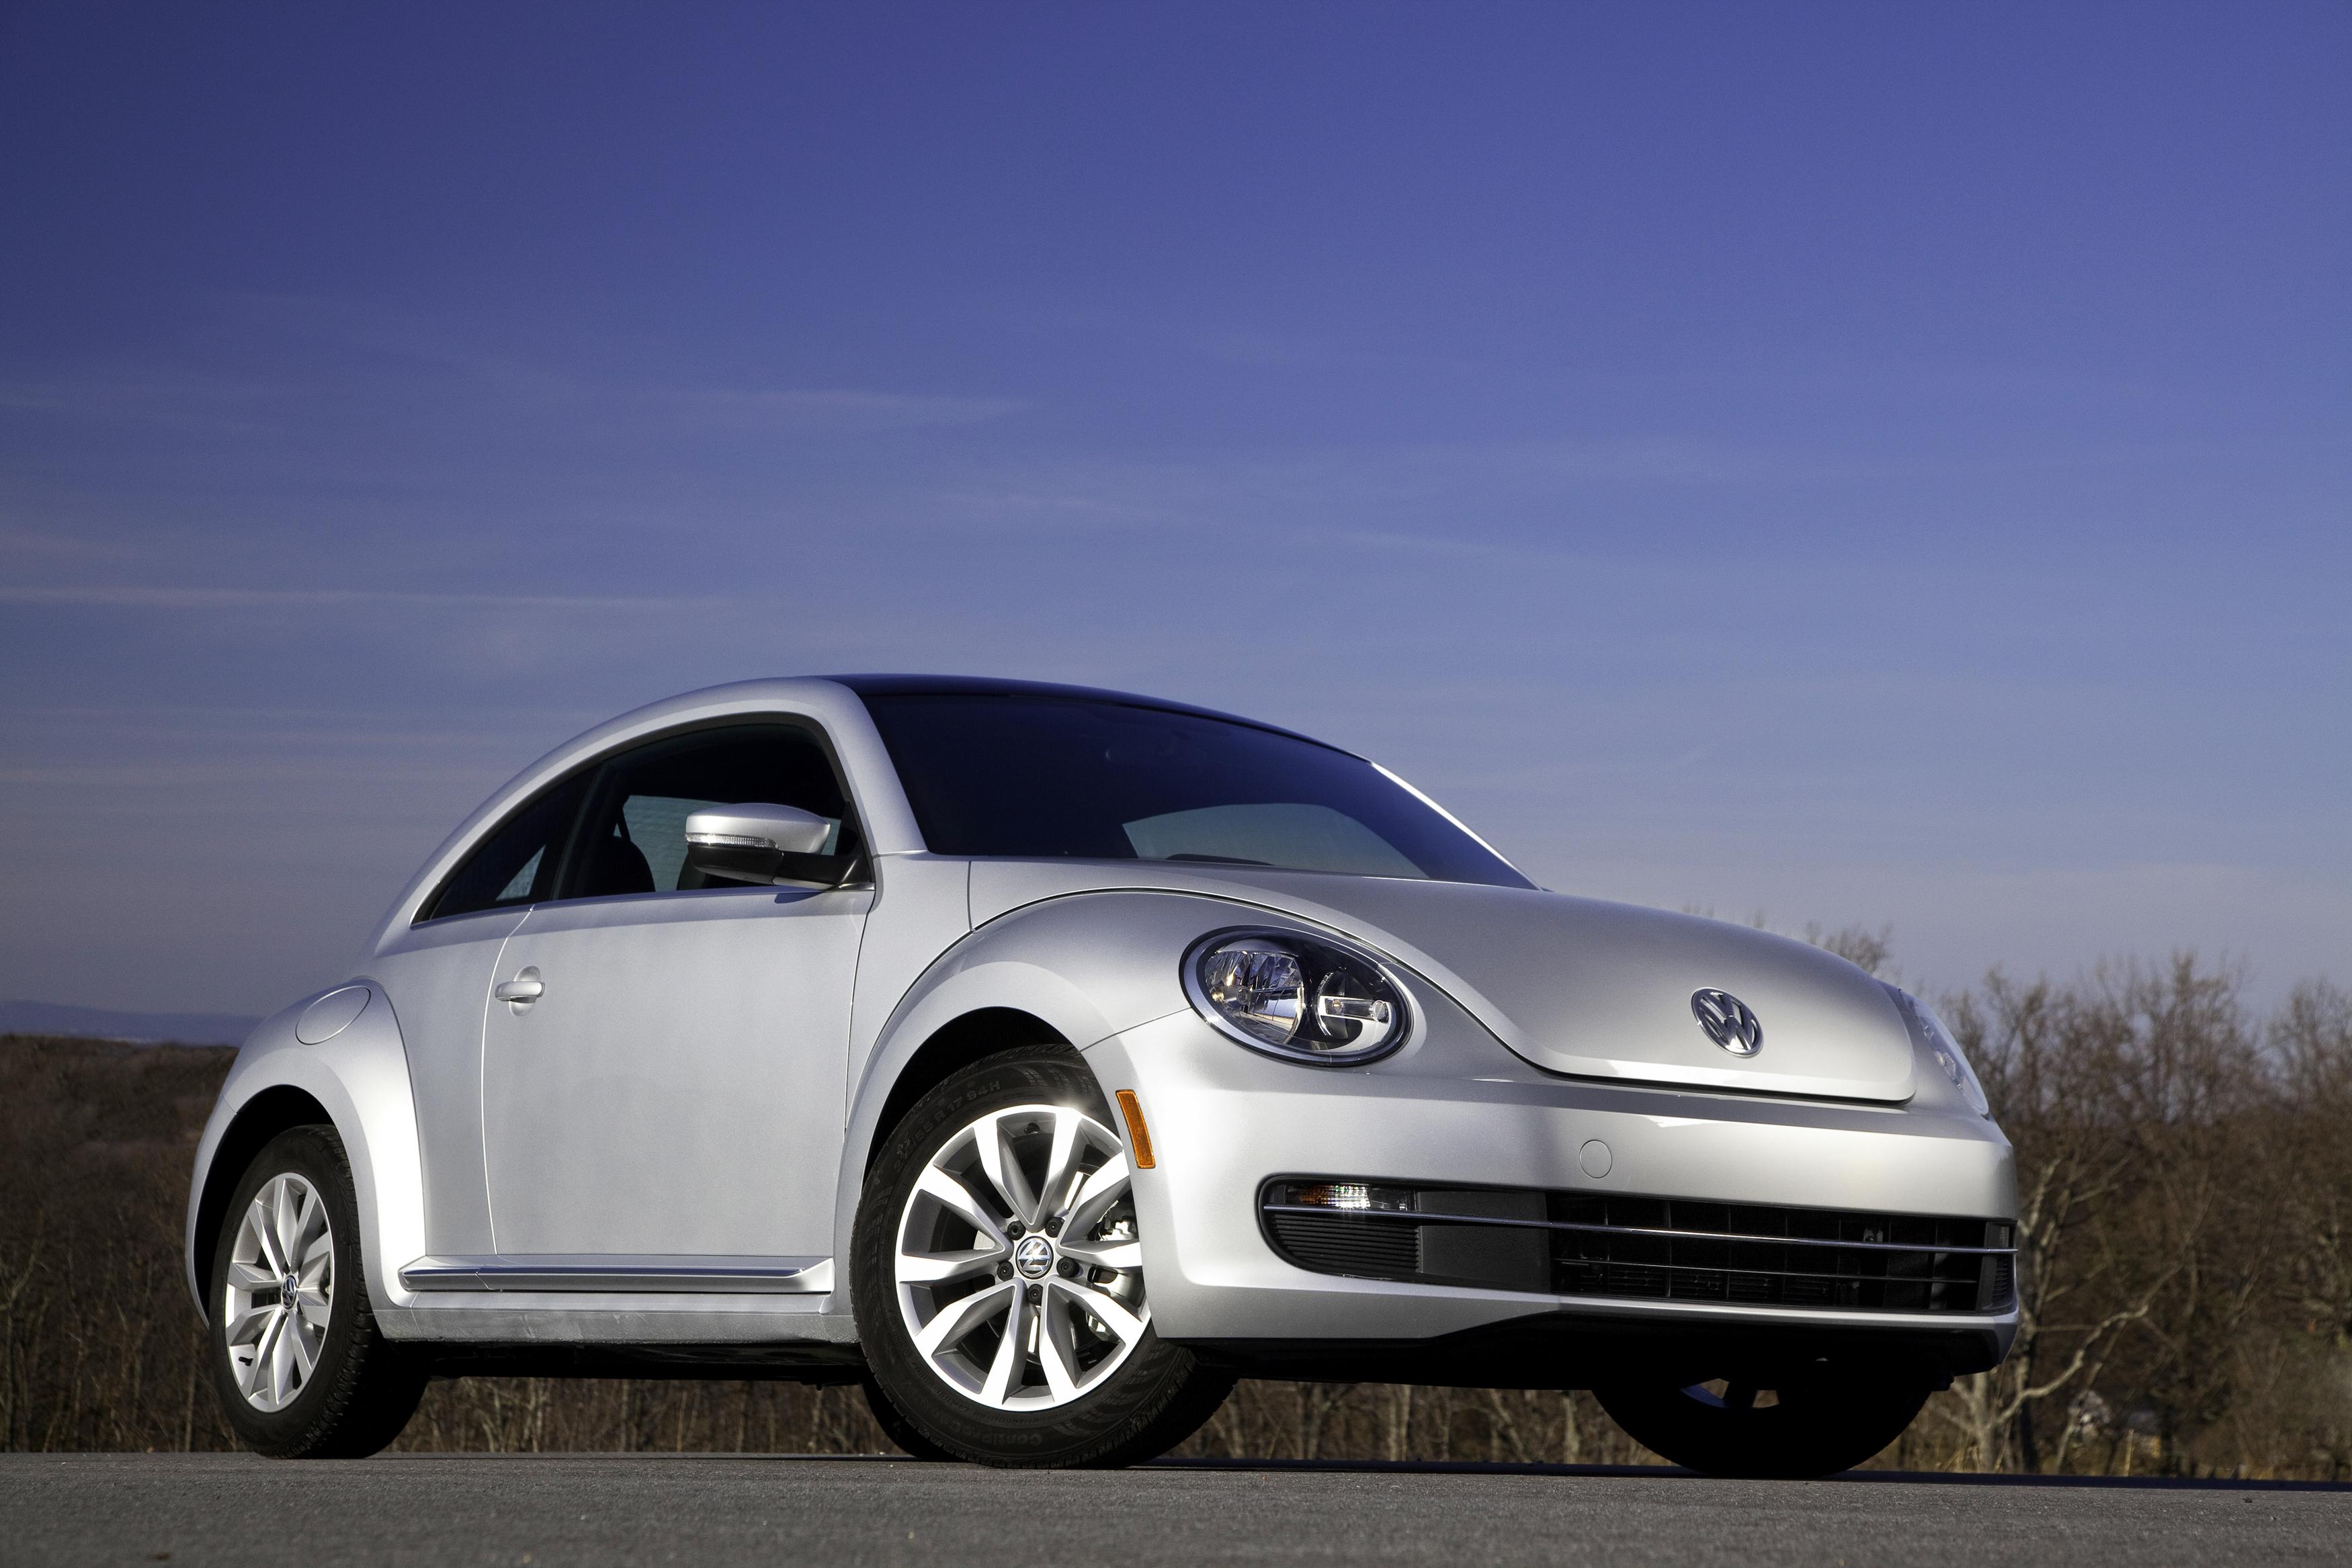 volkswagen-beetle-tdi-002